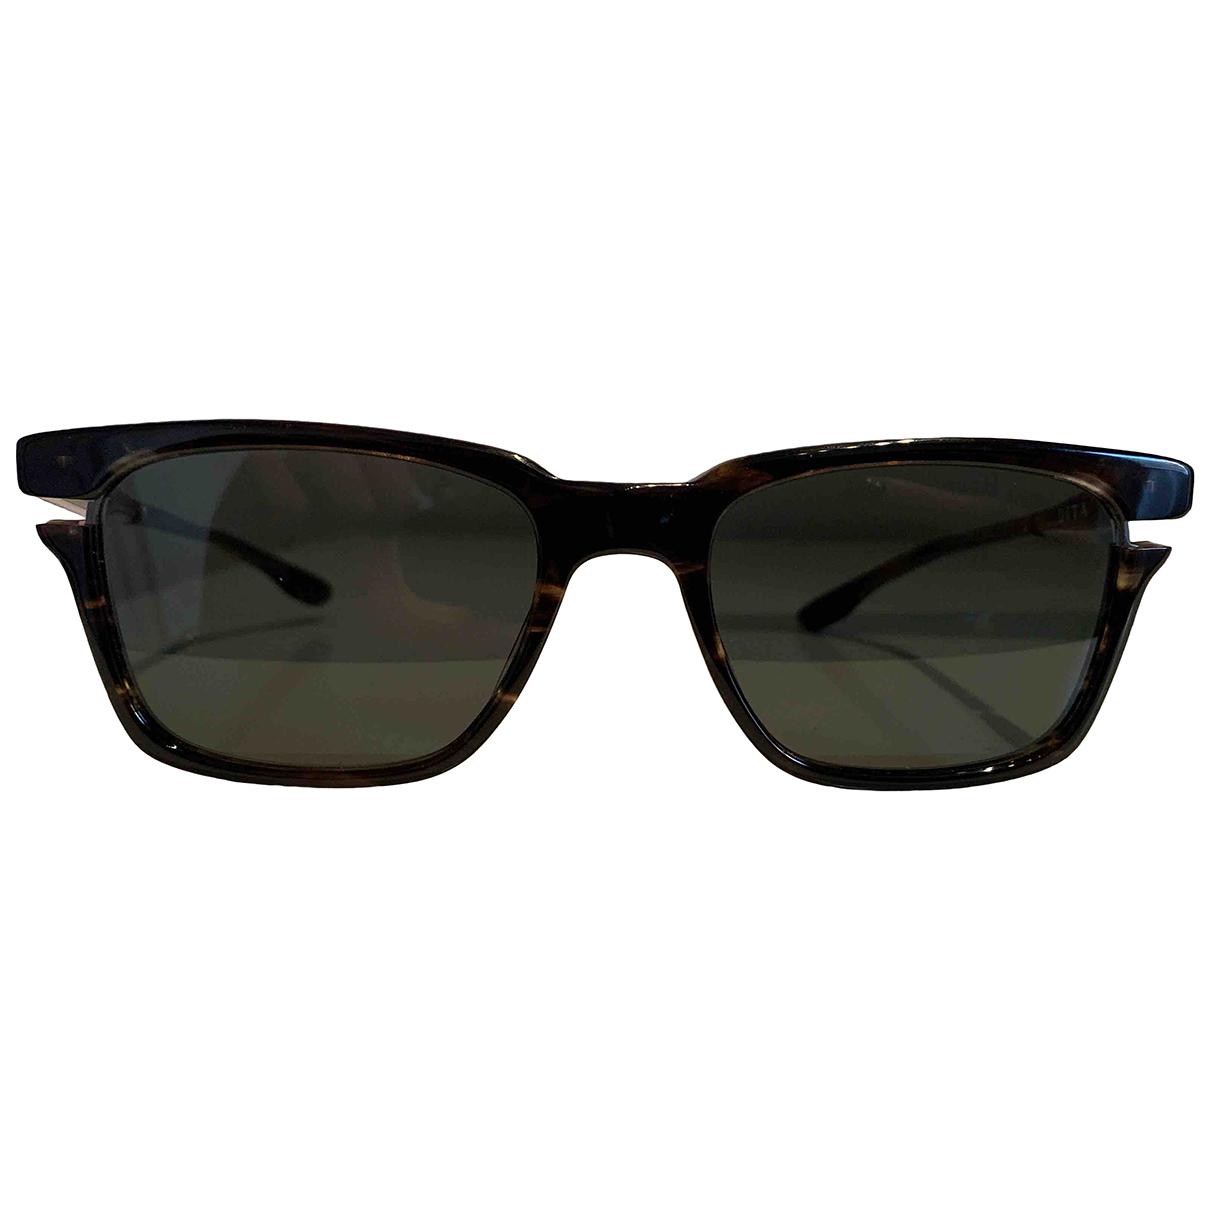 Dita N Brown Sunglasses for Men N